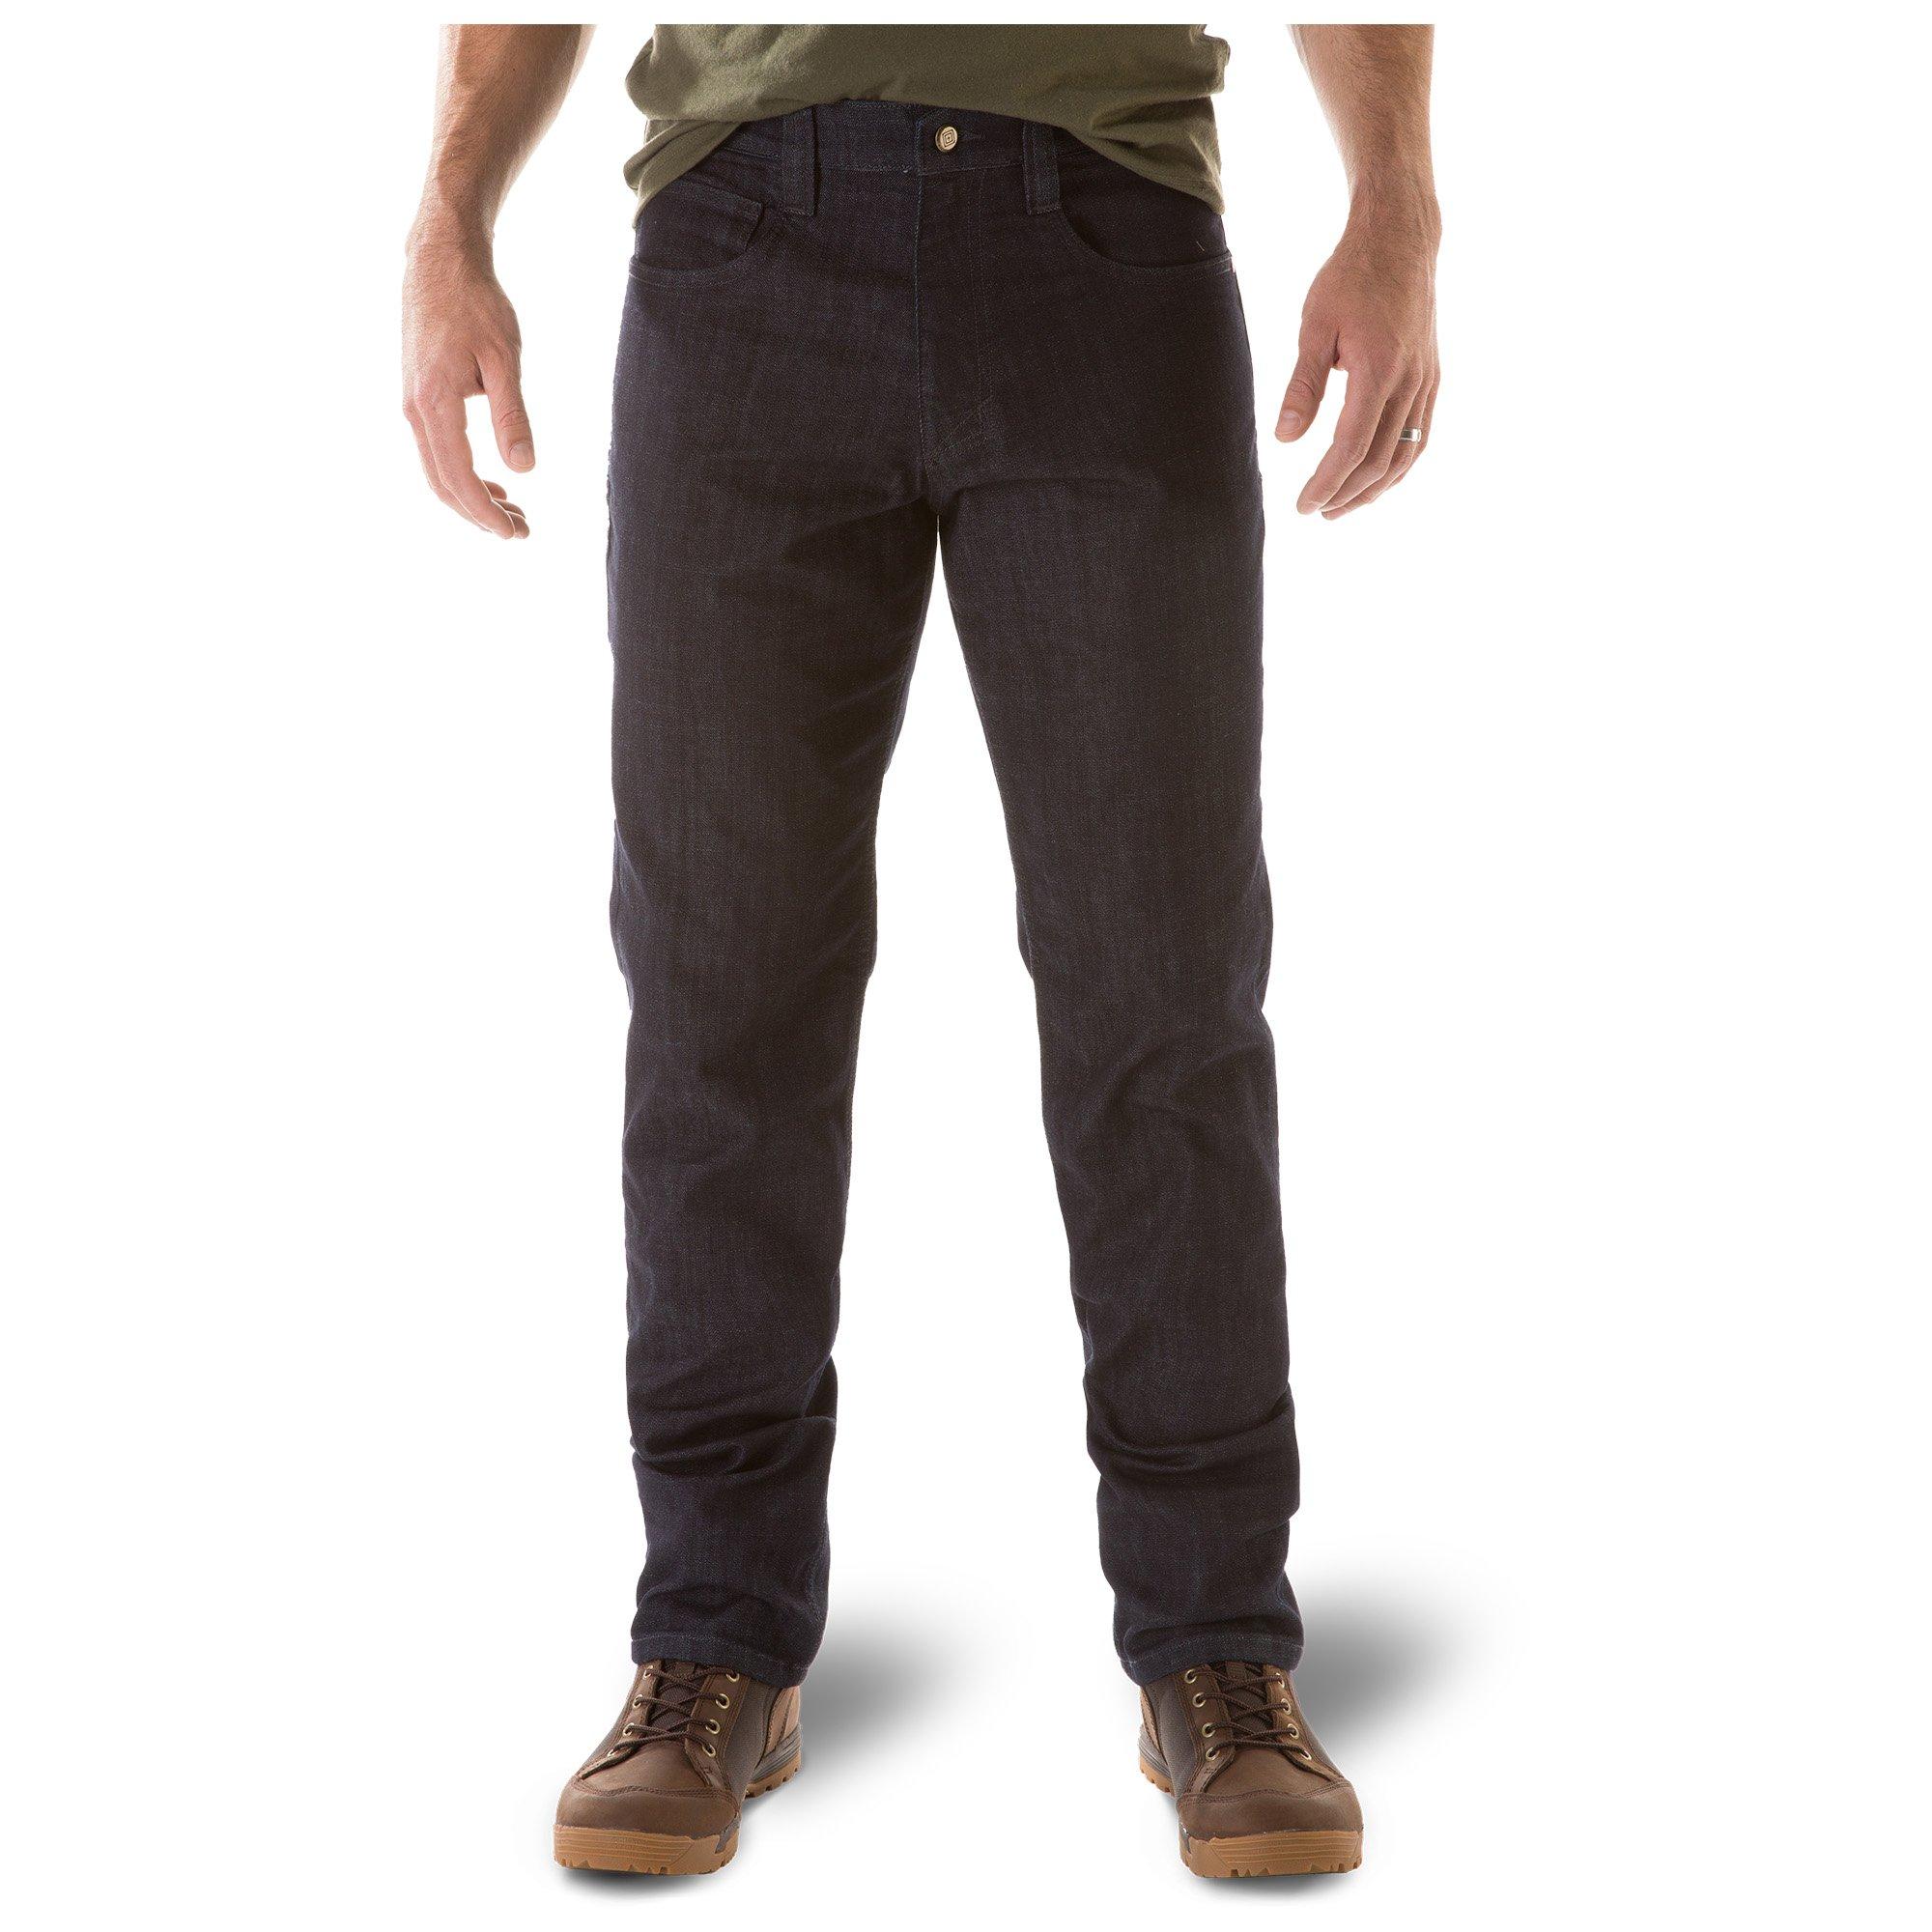 5.11 Mens Defender-Flex Jean Slim Fit Tactical Pant, Sytle 74465, Indigo, 30Wx30L